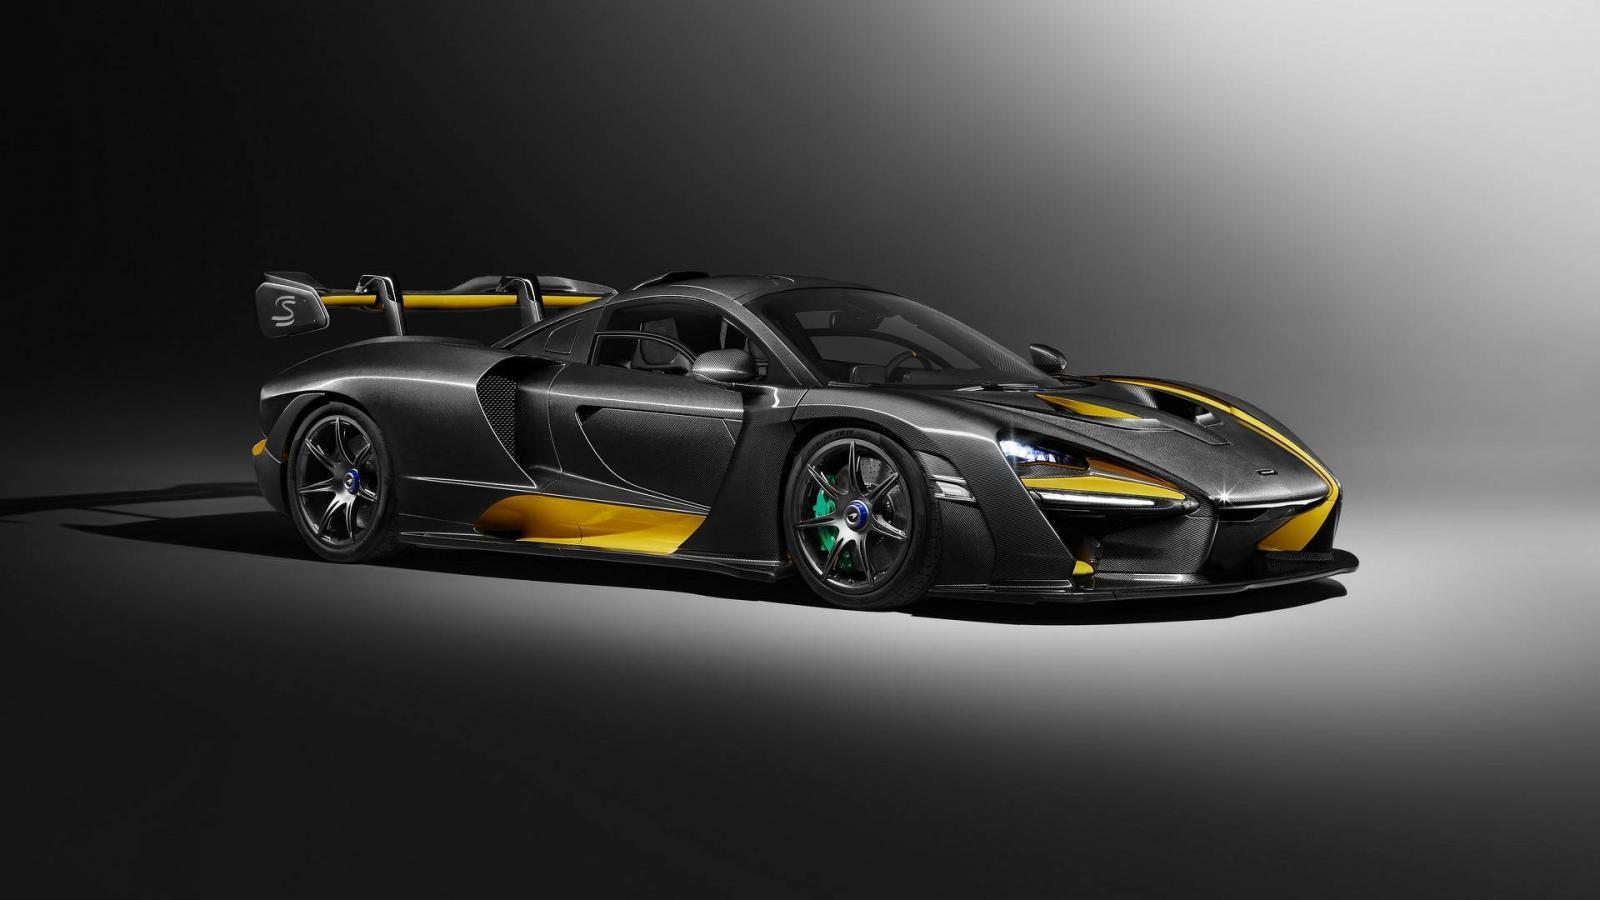 Подразделение МакЛарен представило опцию гиперкара Senna стоимостью $1 млн